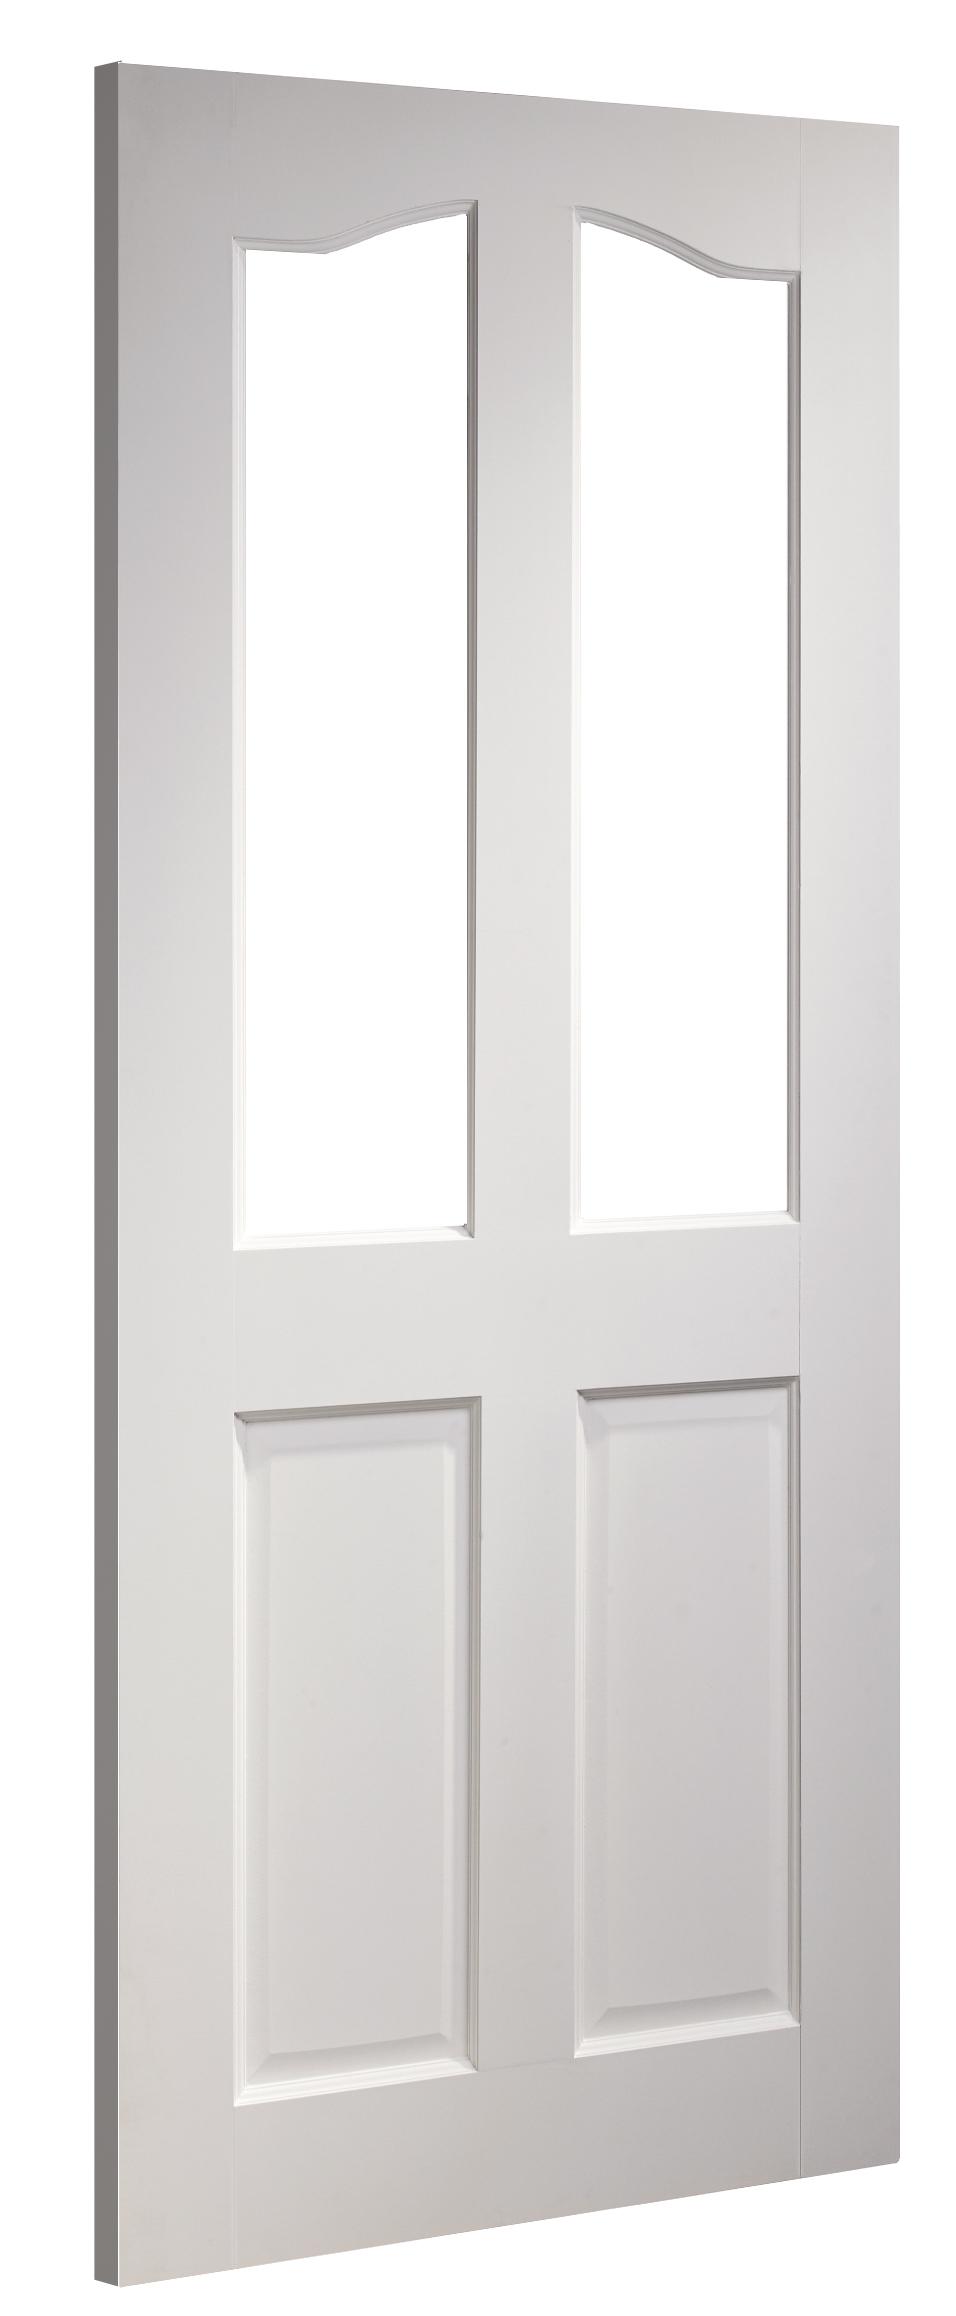 Primed Doors VR2G-UNG